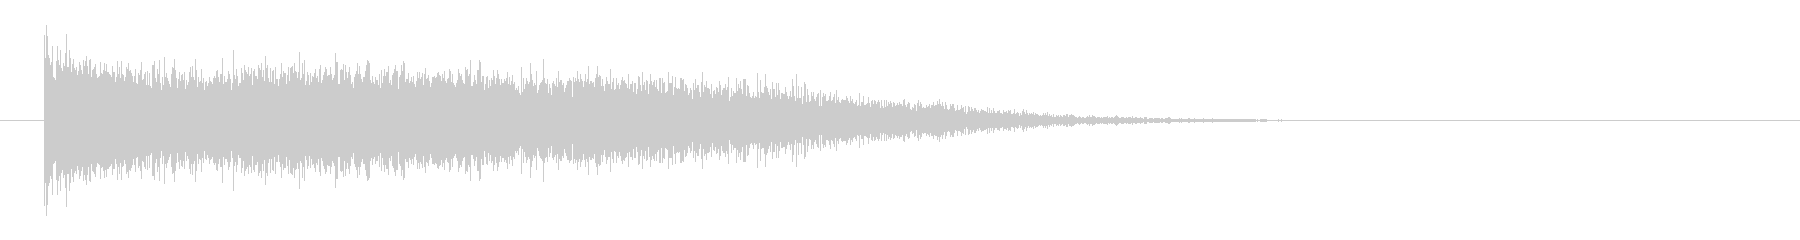 レーザー音-59-3の未再生の波形